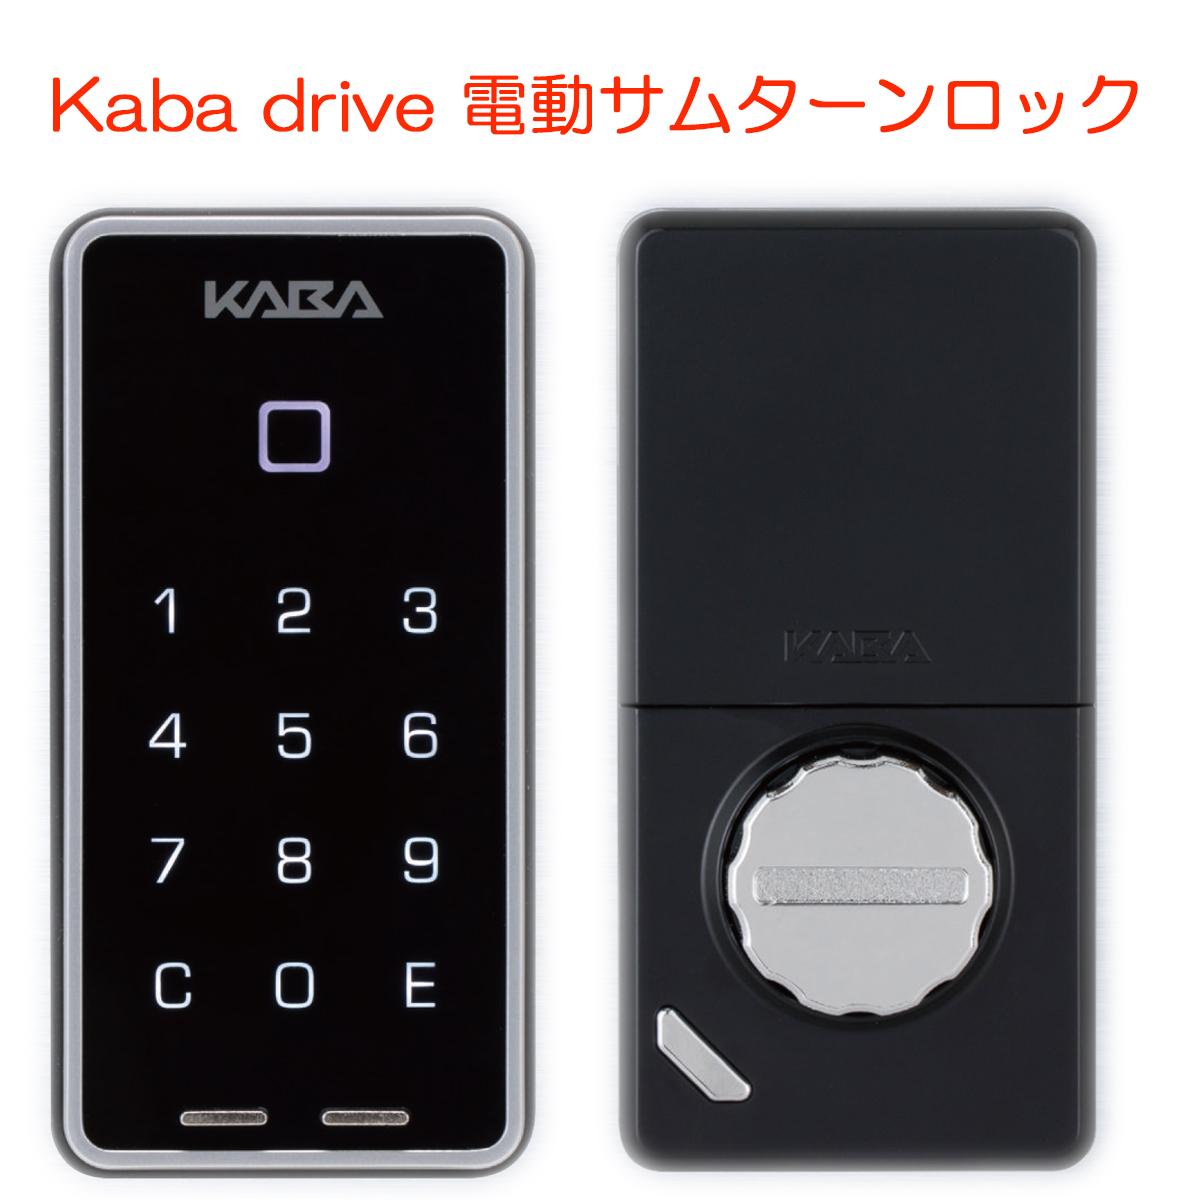 Kaba カバ Kaba drive カバ ドライブ 電動サムターンロック スマートロック 電子錠